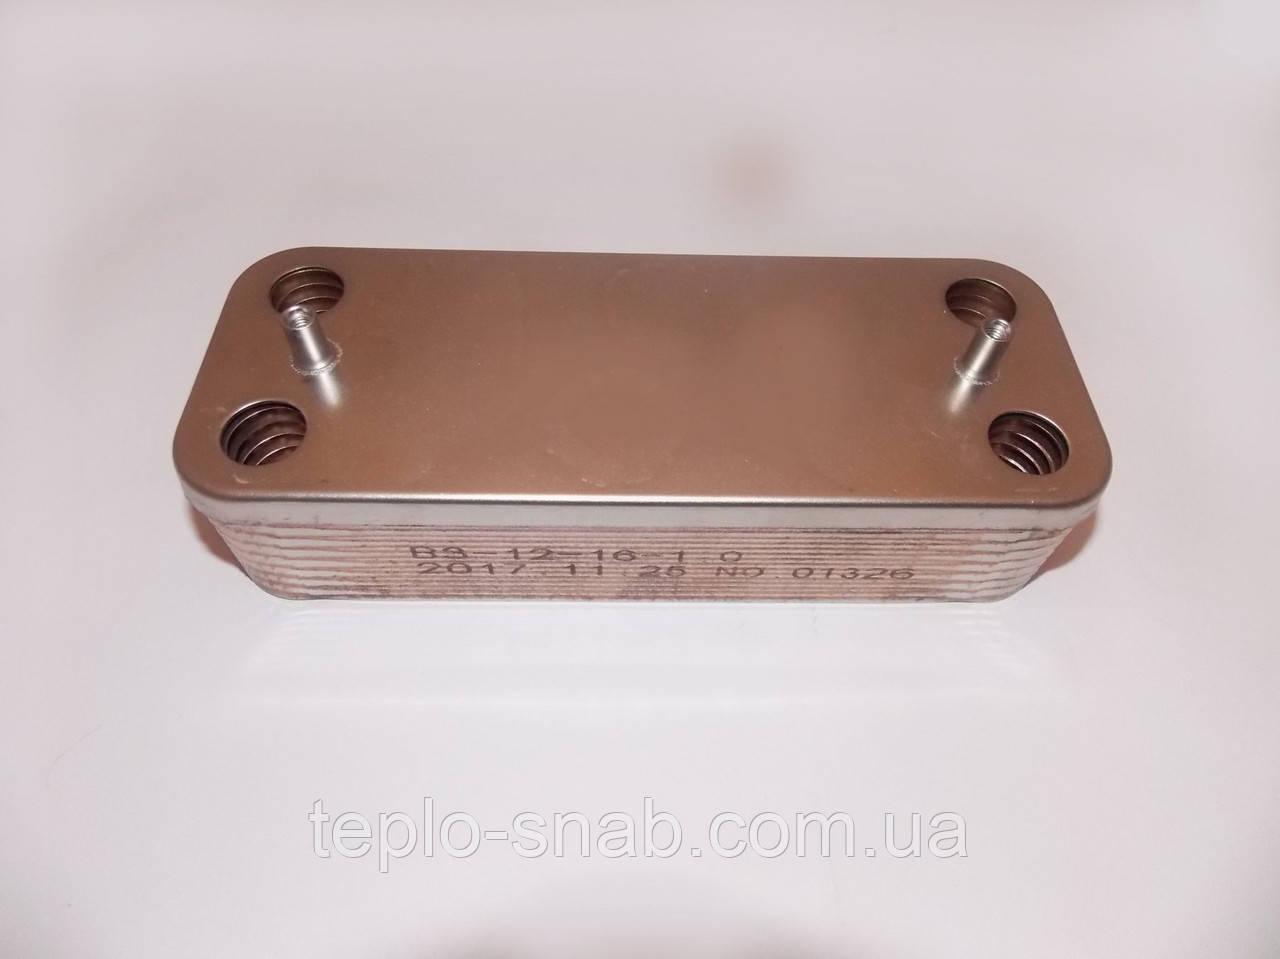 Вторинний теплообмінник Ariston Class, Genus. BS (16 пластин). 65104333, 65104263, 65104451